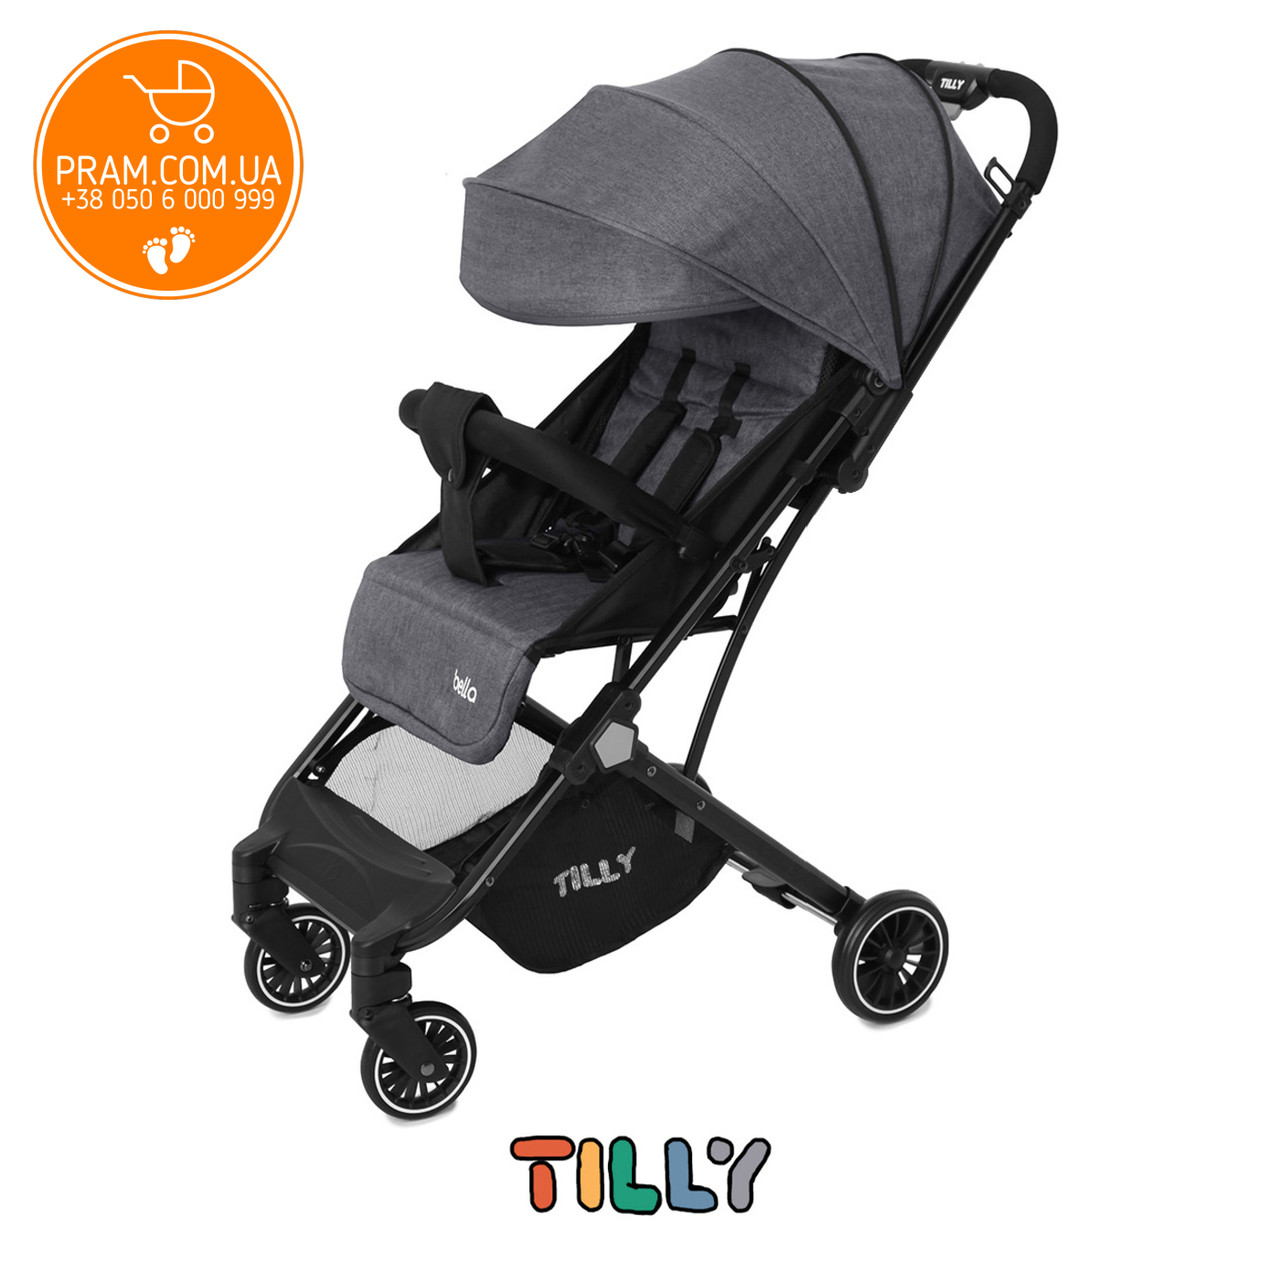 Tilly Bella T-163 прогулочная коляска Anchor Grey Серый